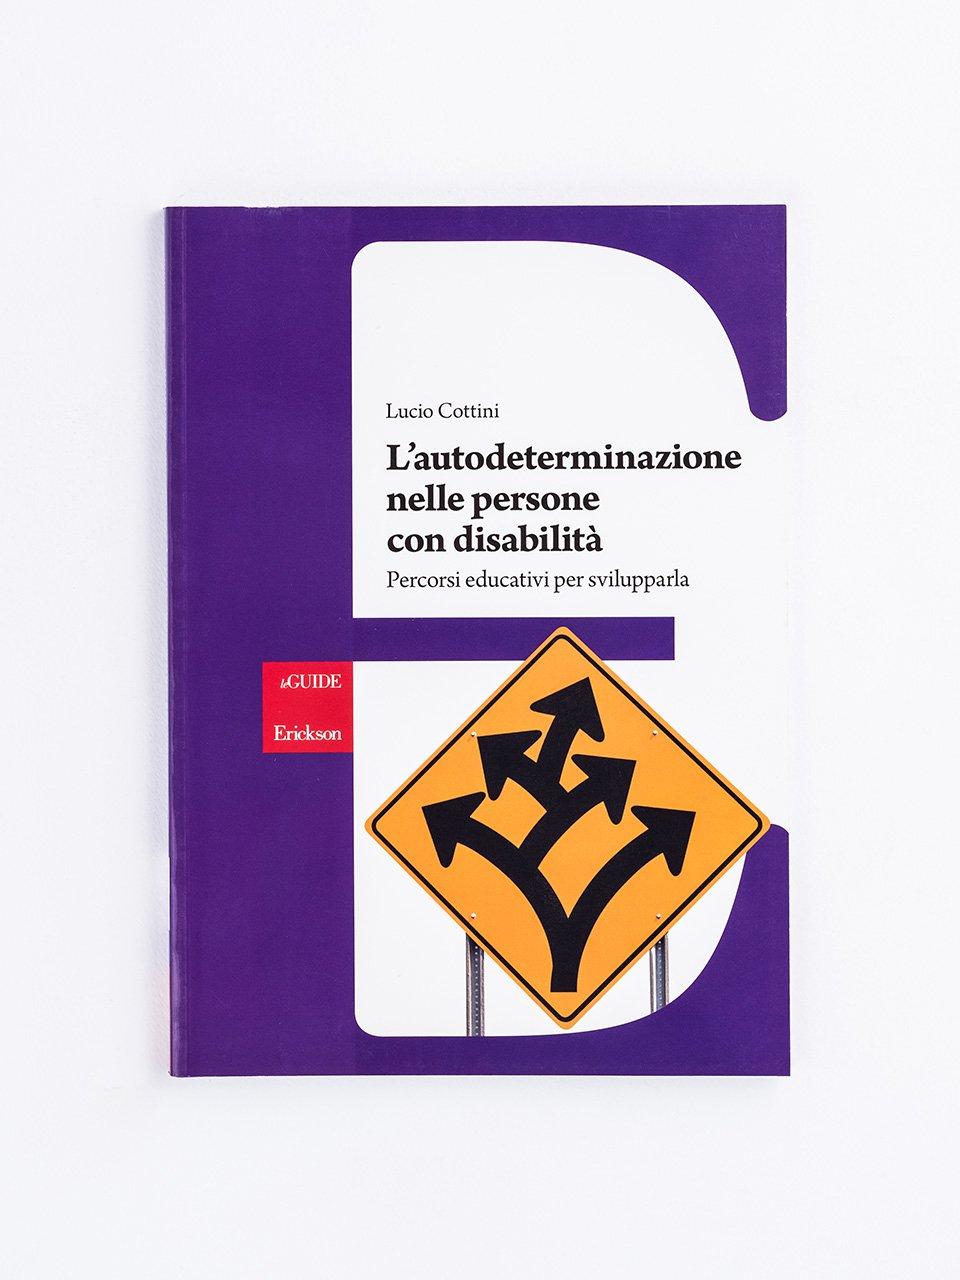 L'autodeterminazione nelle persone con disabilità - Potenziali di sviluppo e di apprendimento nelle di - Libri - Erickson